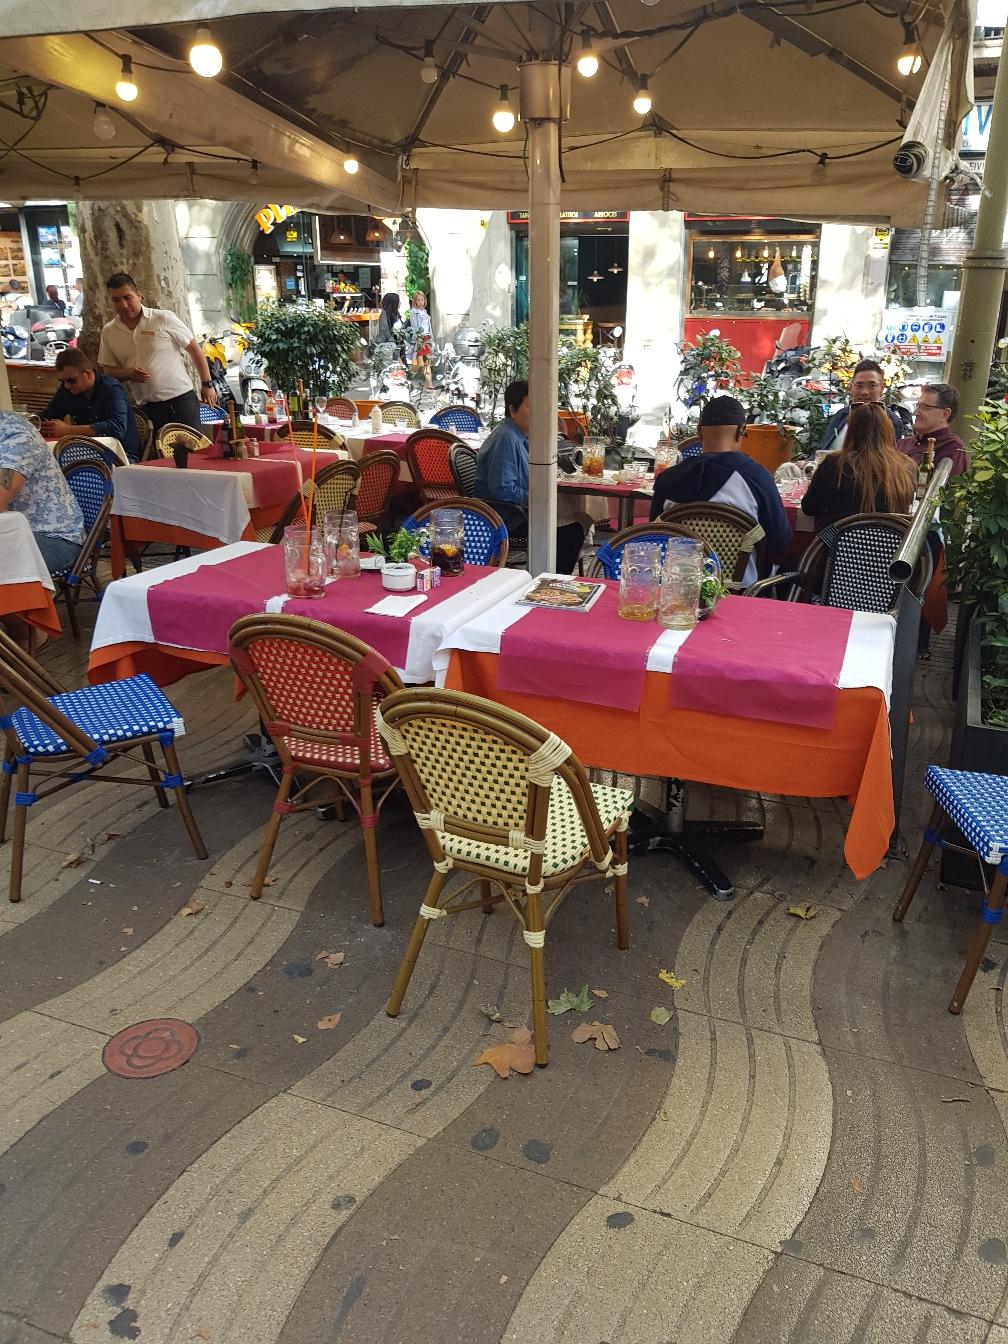 Eins von vielen restaurants an der Rambla, wo man diese riesen Getränke bekommt